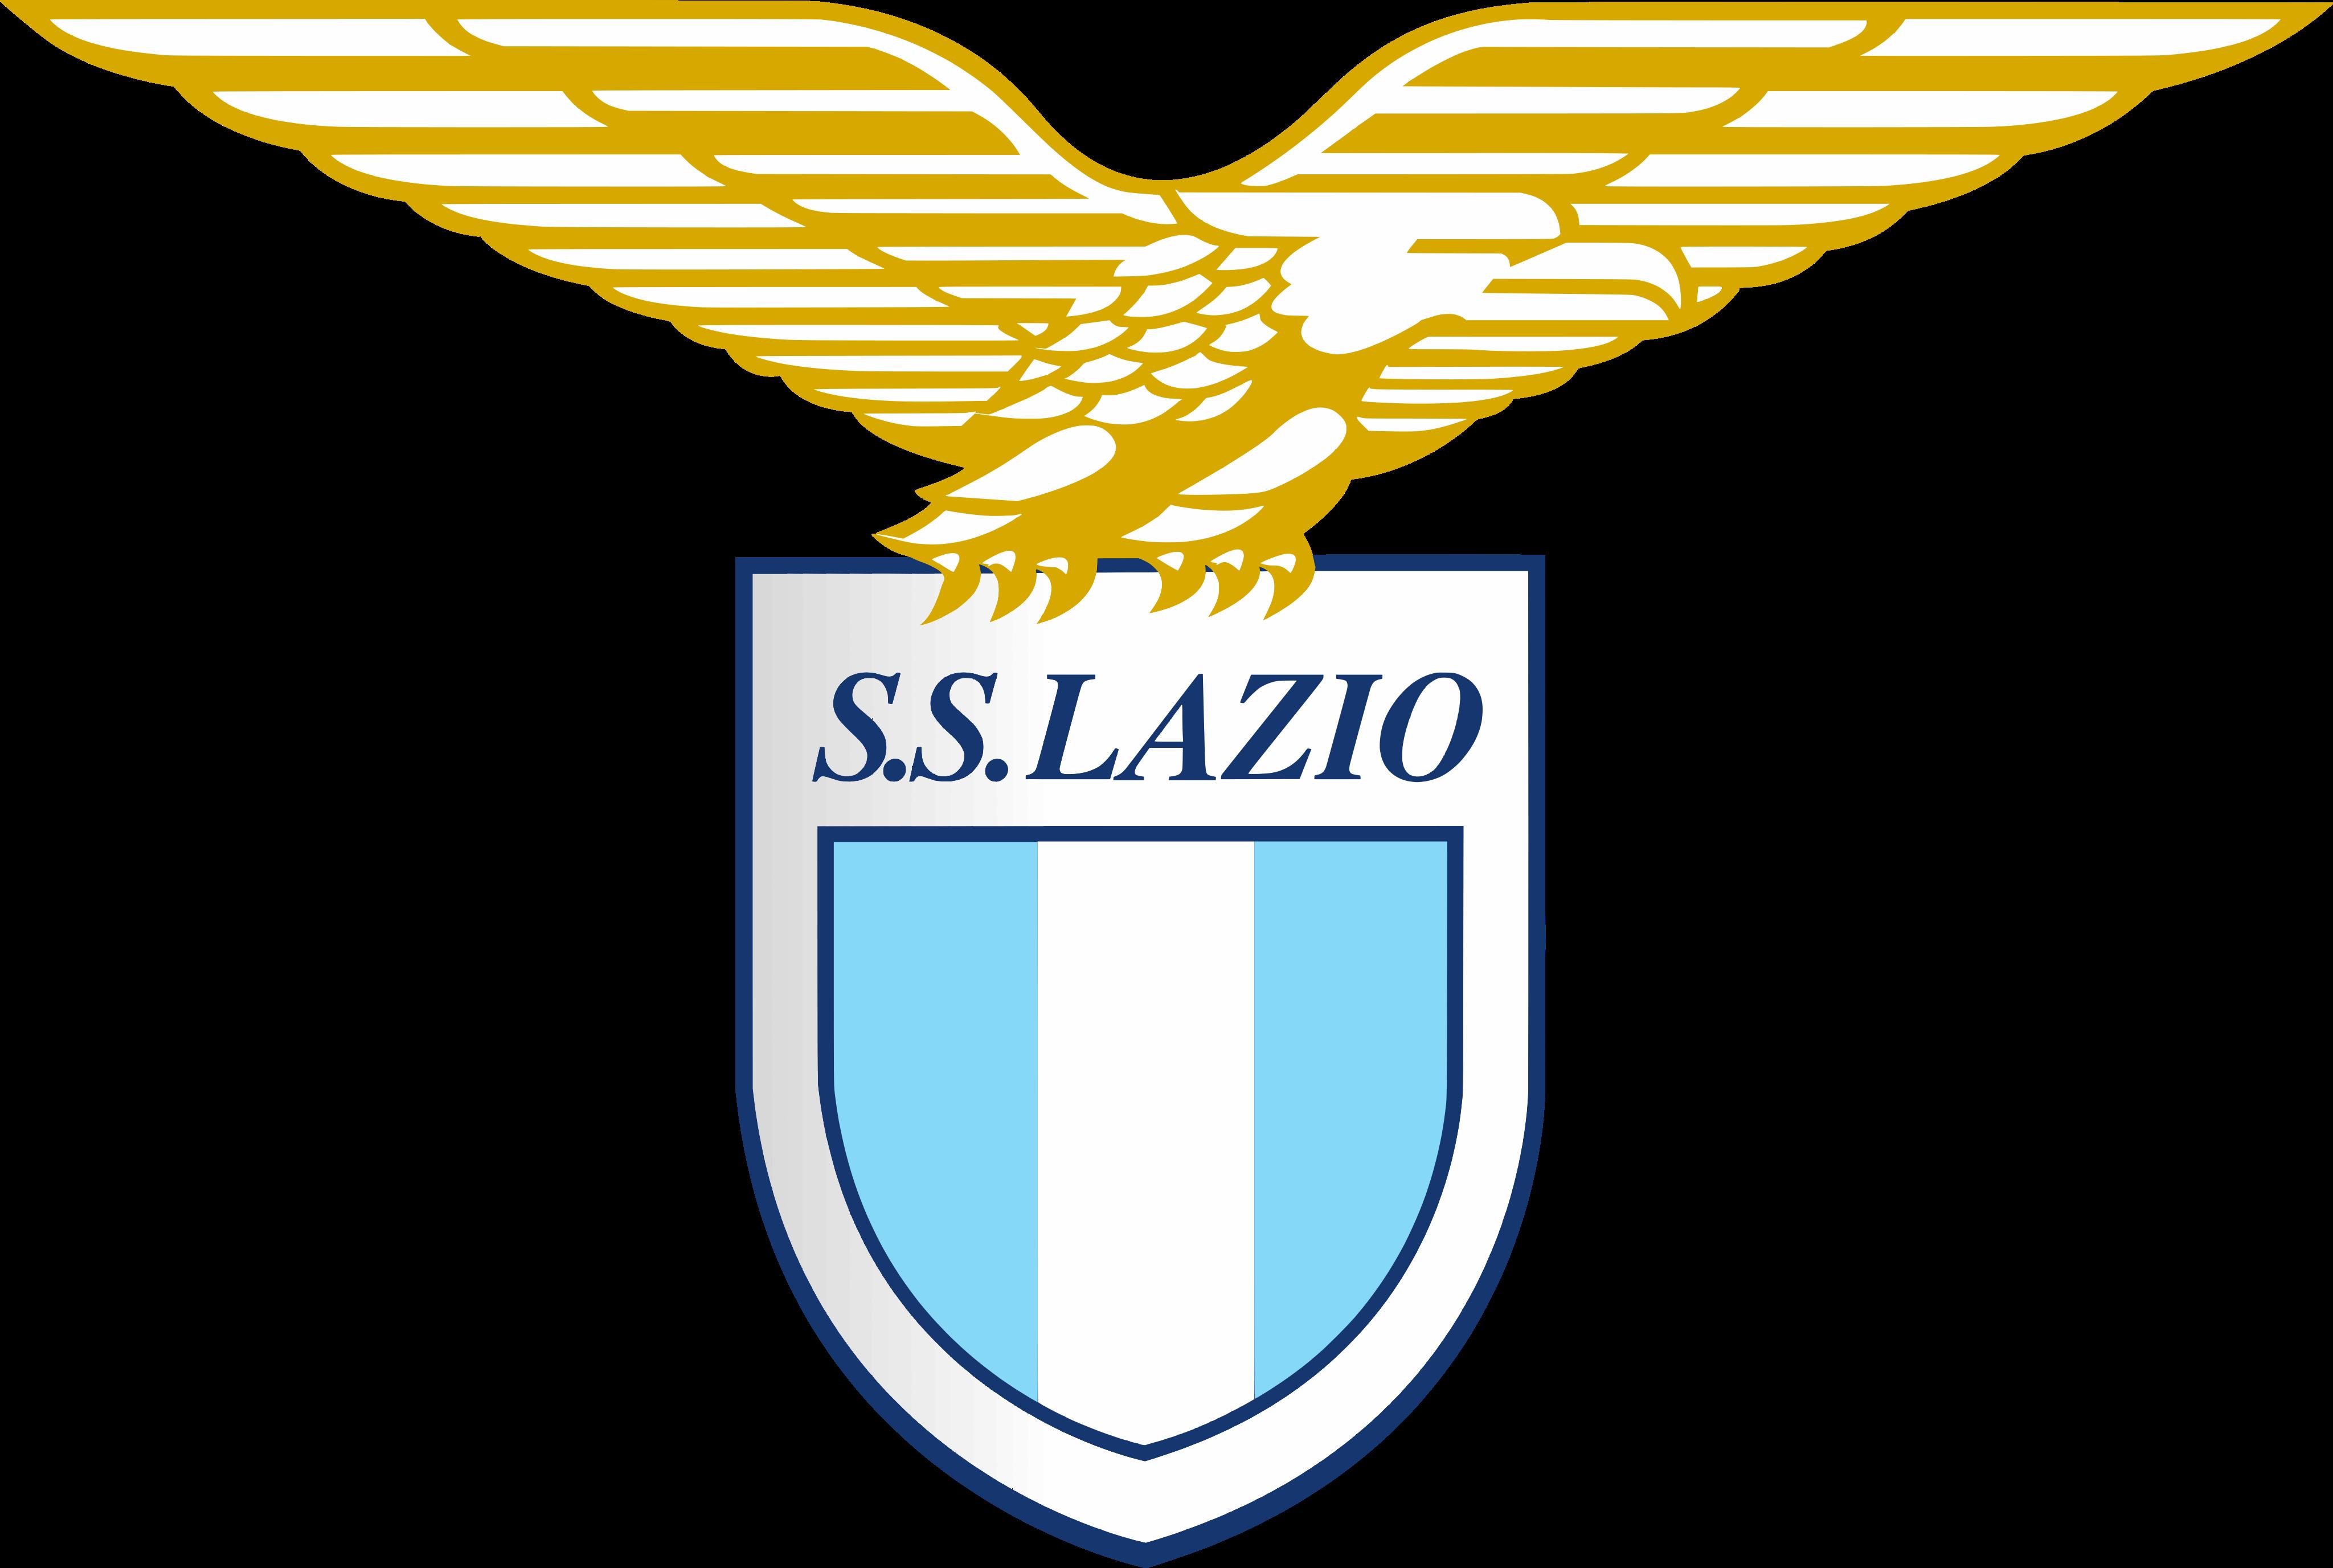 lazio logo - SS Lazio Logo